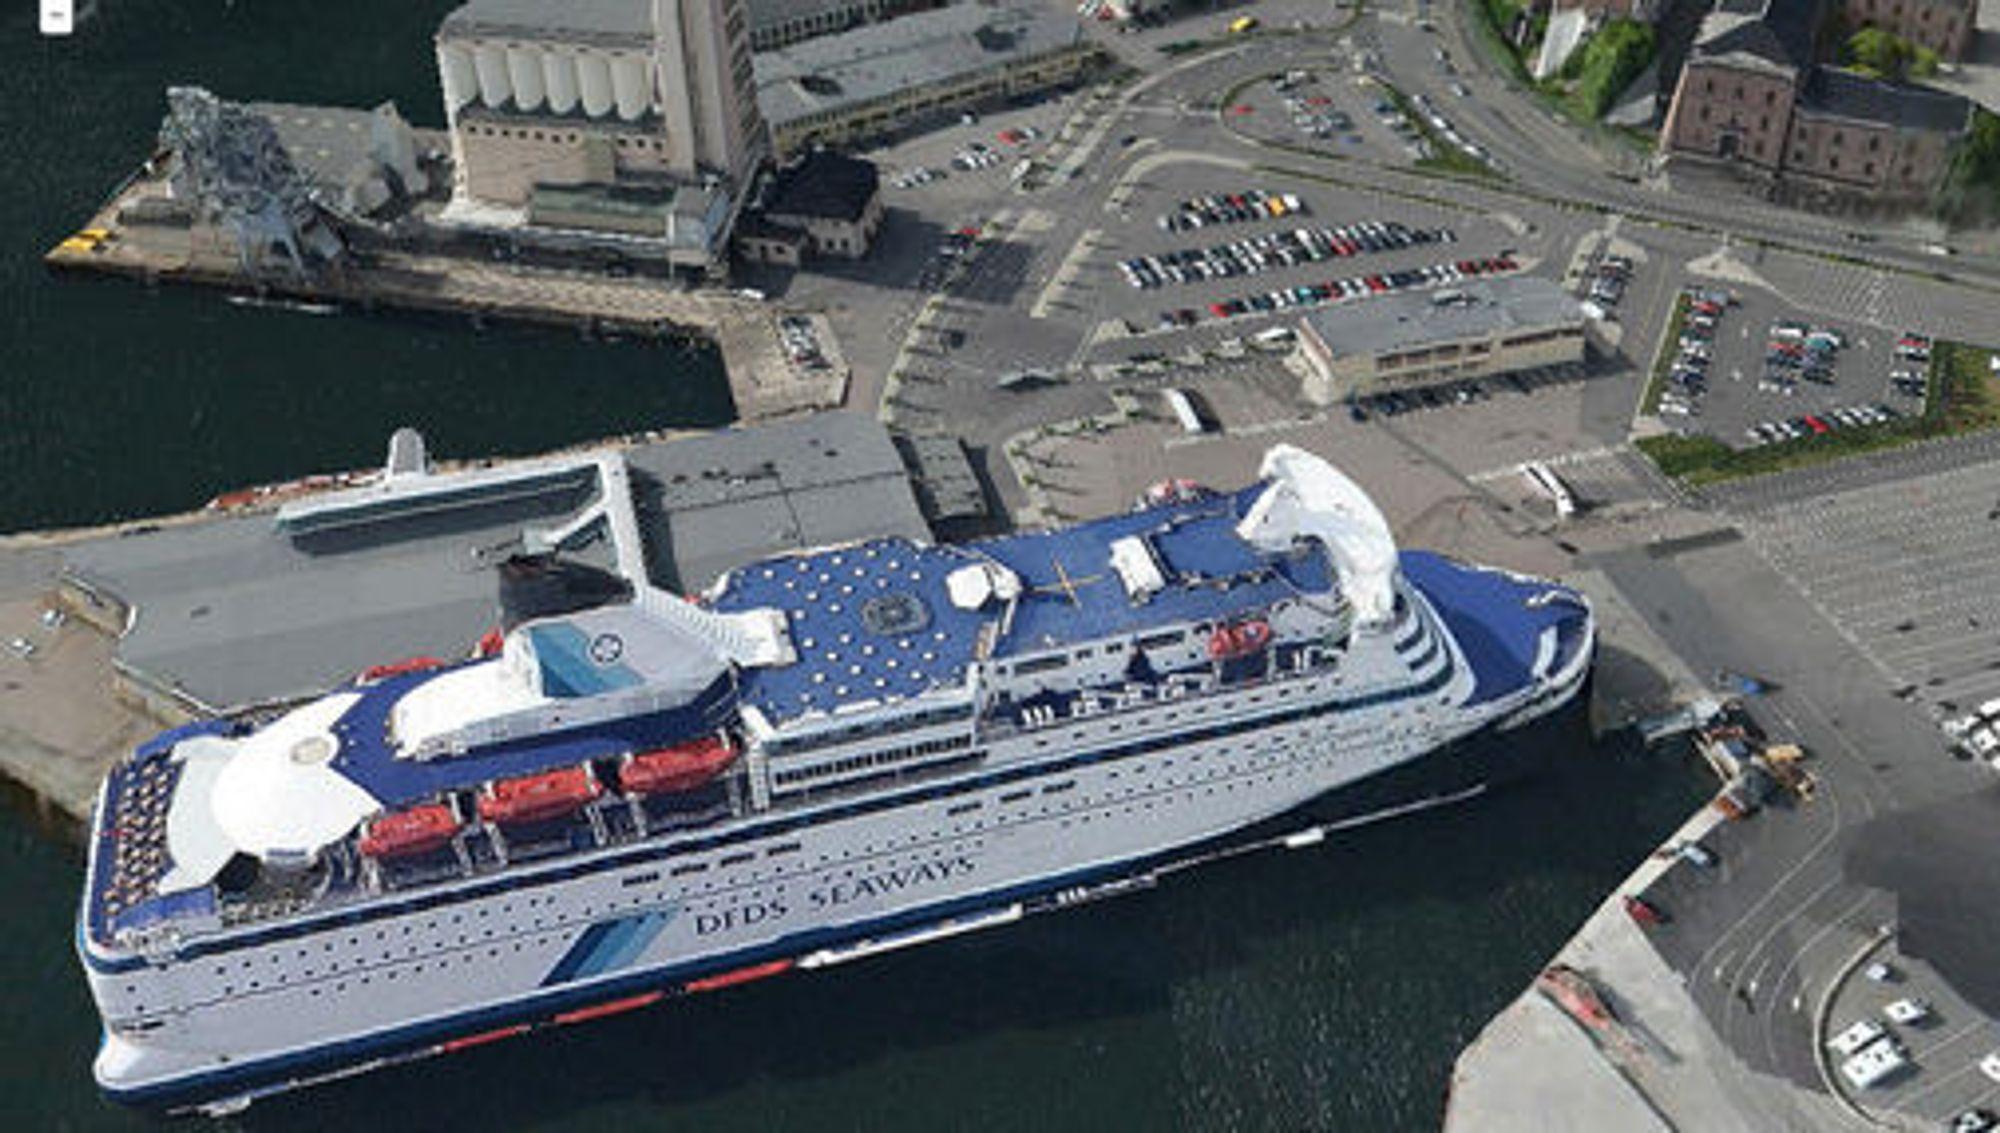 Her ligger en tredimensjonal modell av danskebåten til kai ved Vippetangen i Oslo.(Foto: Sesam 3D kart)